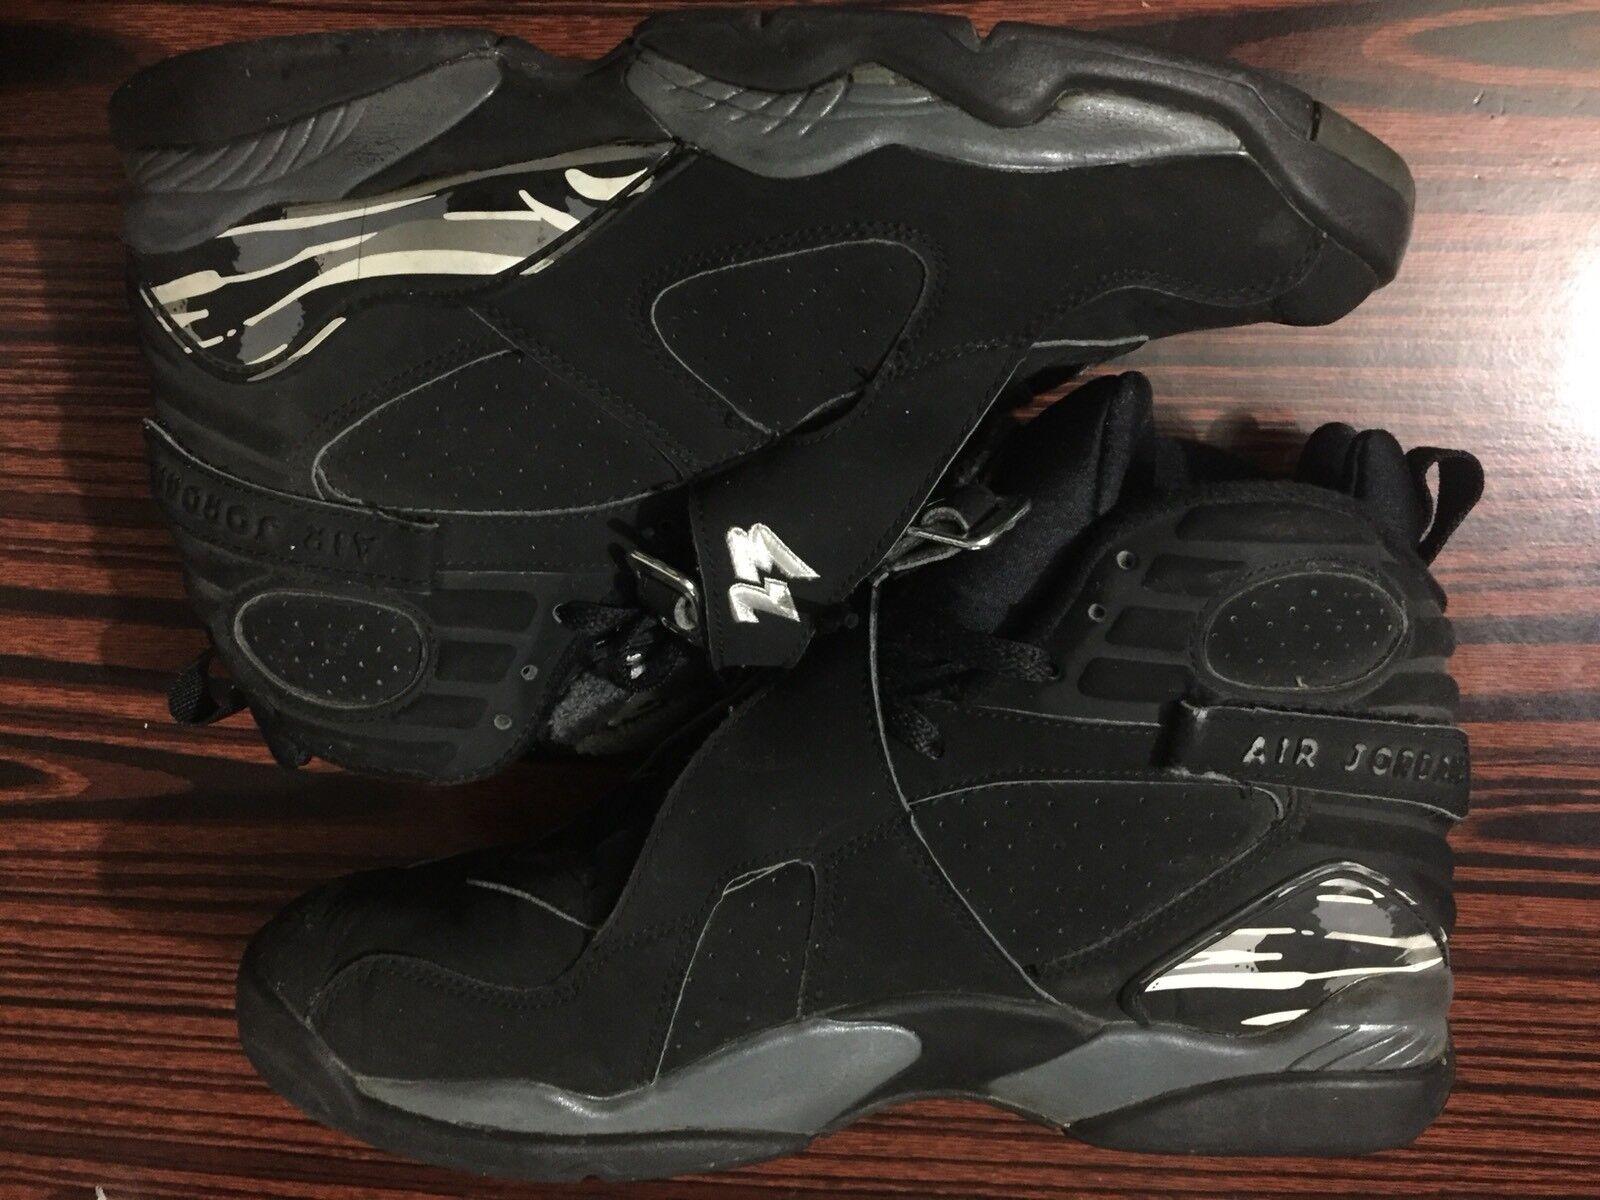 Air Jordan Retro VIII 8 Size 10.5 Black/Chrome White/Red XI Lot